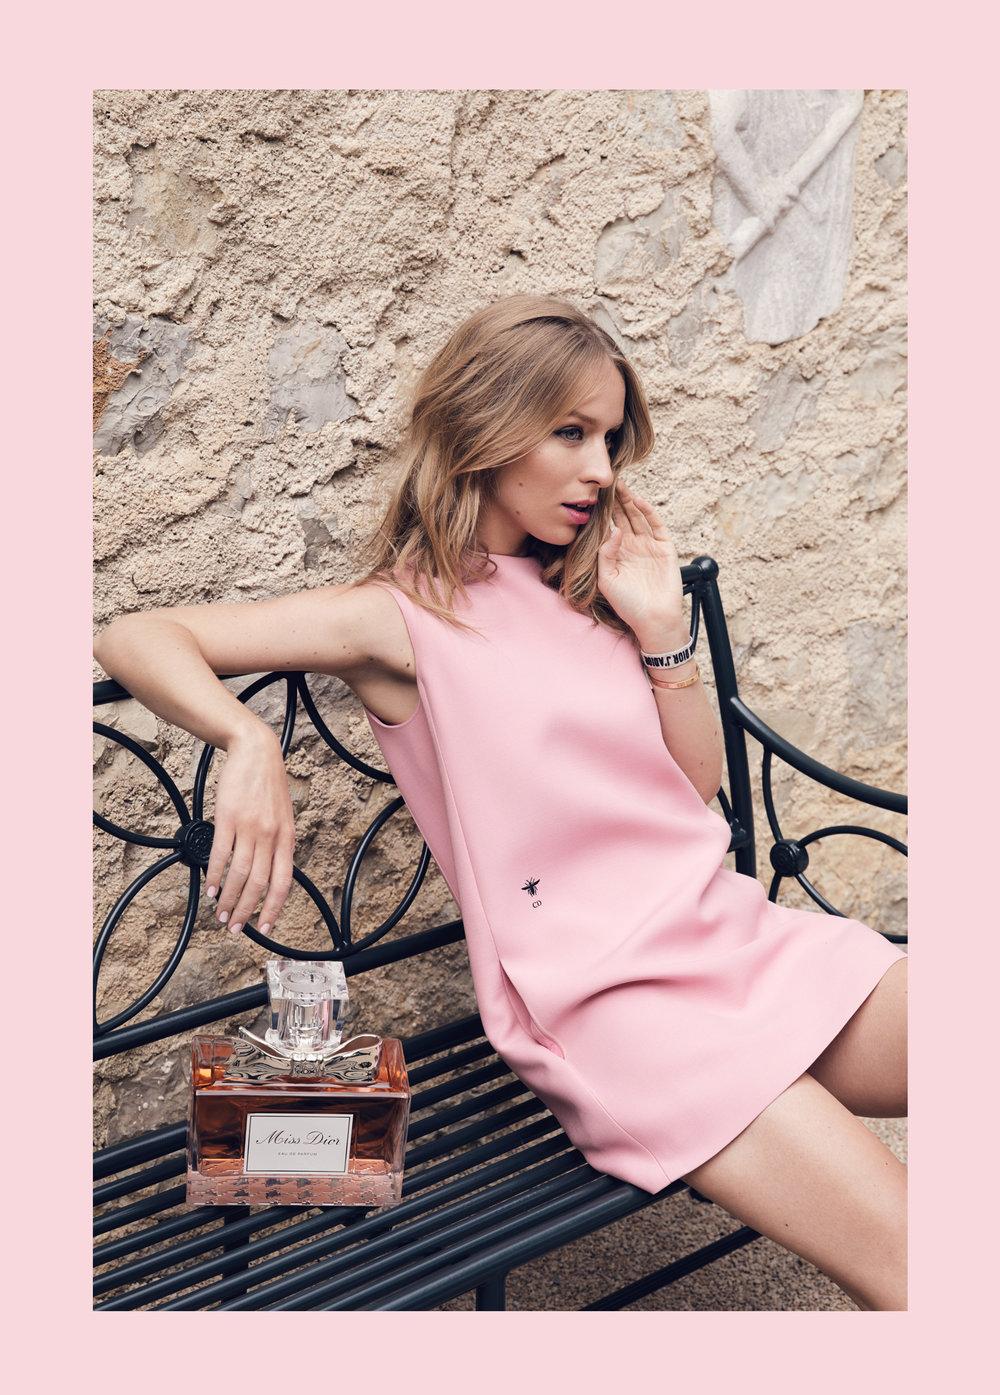 montage_20180515_Dior_Carin_0132++.jpg